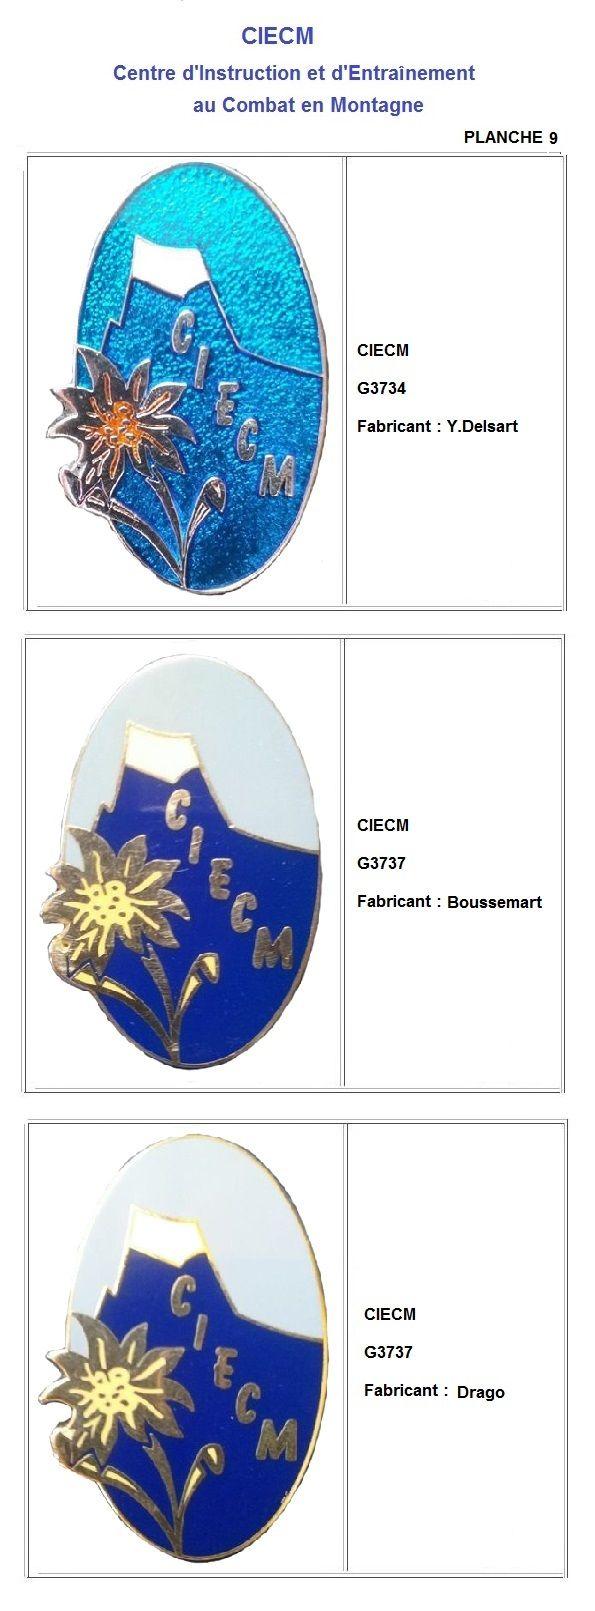 Les insignes de bataillons- Mise à jour... - Page 2 24e_pl17